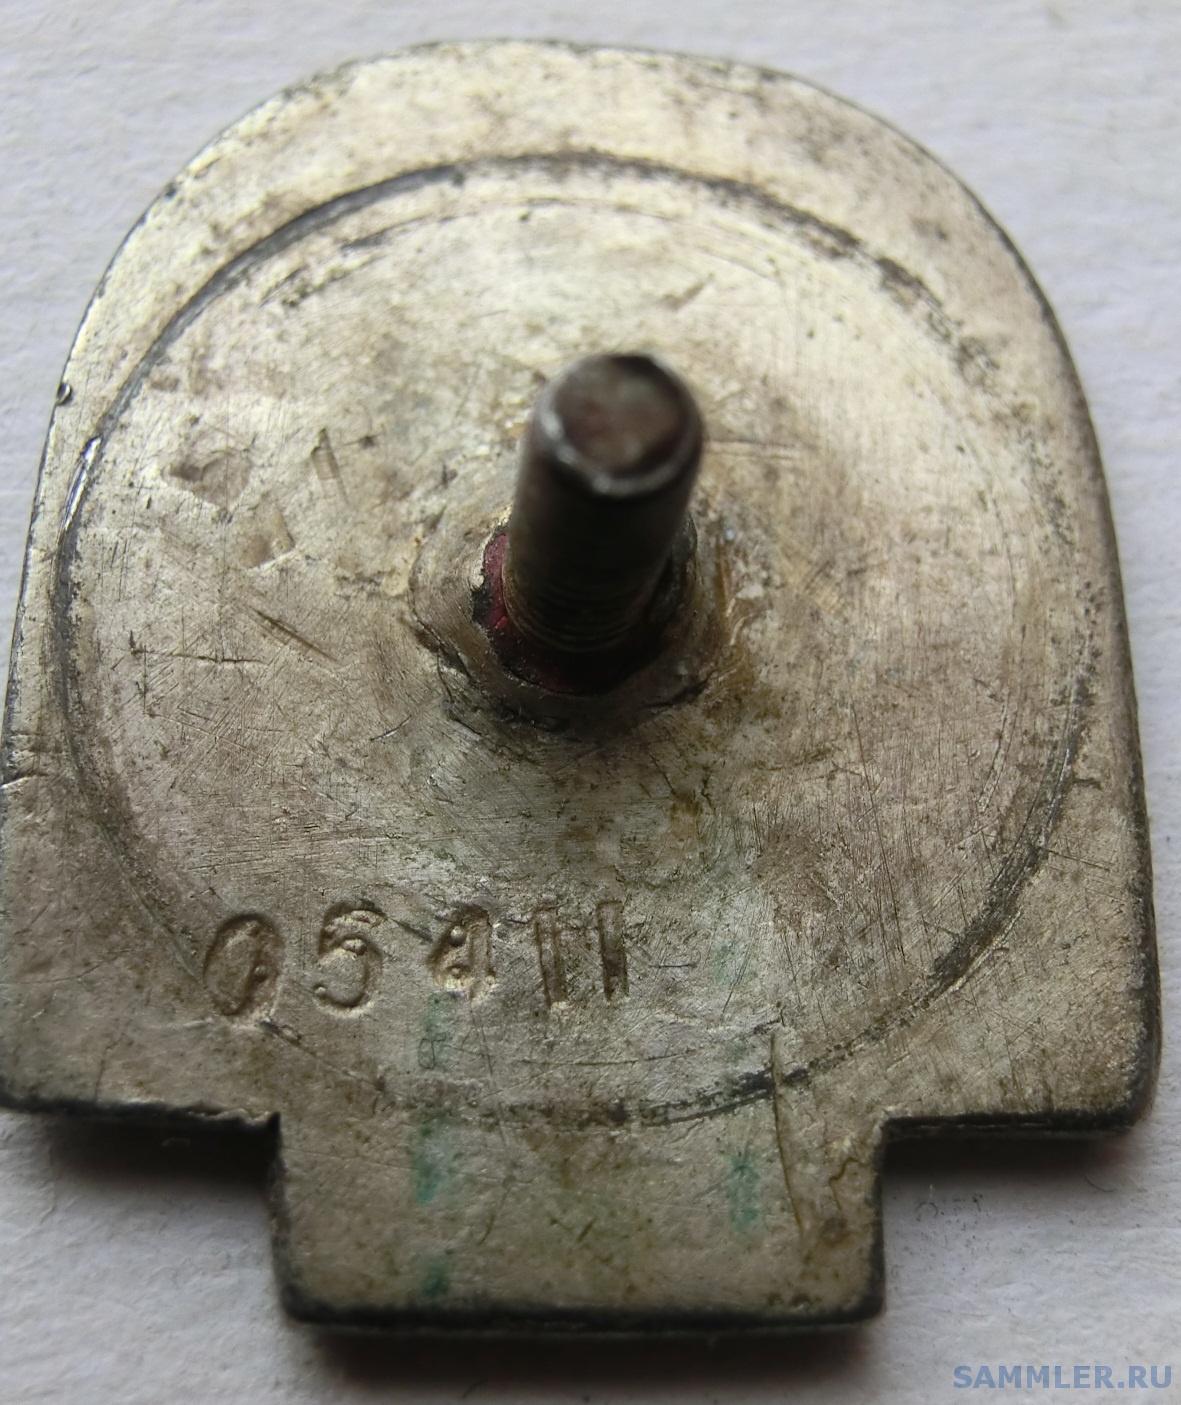 CIMG5387.JPG